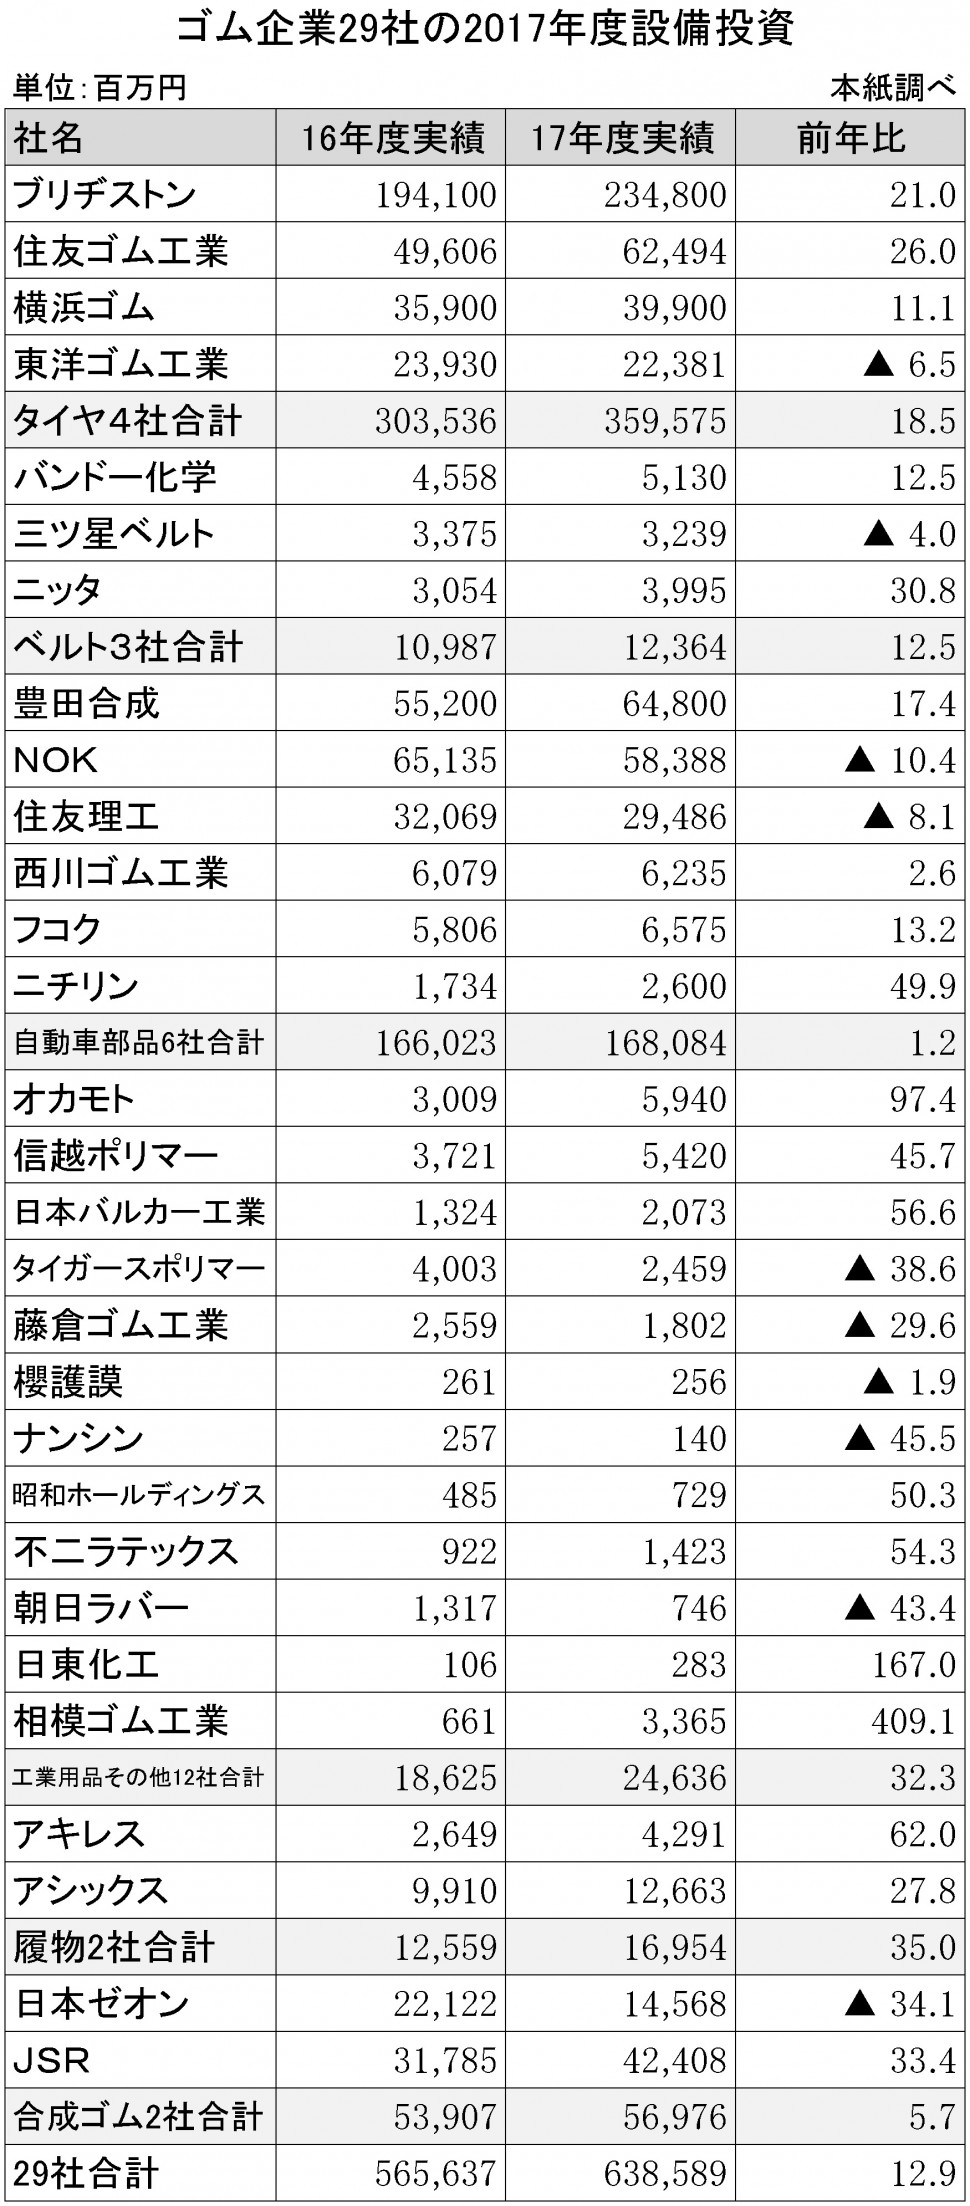 ゴム企業29社の2017年度設備投資